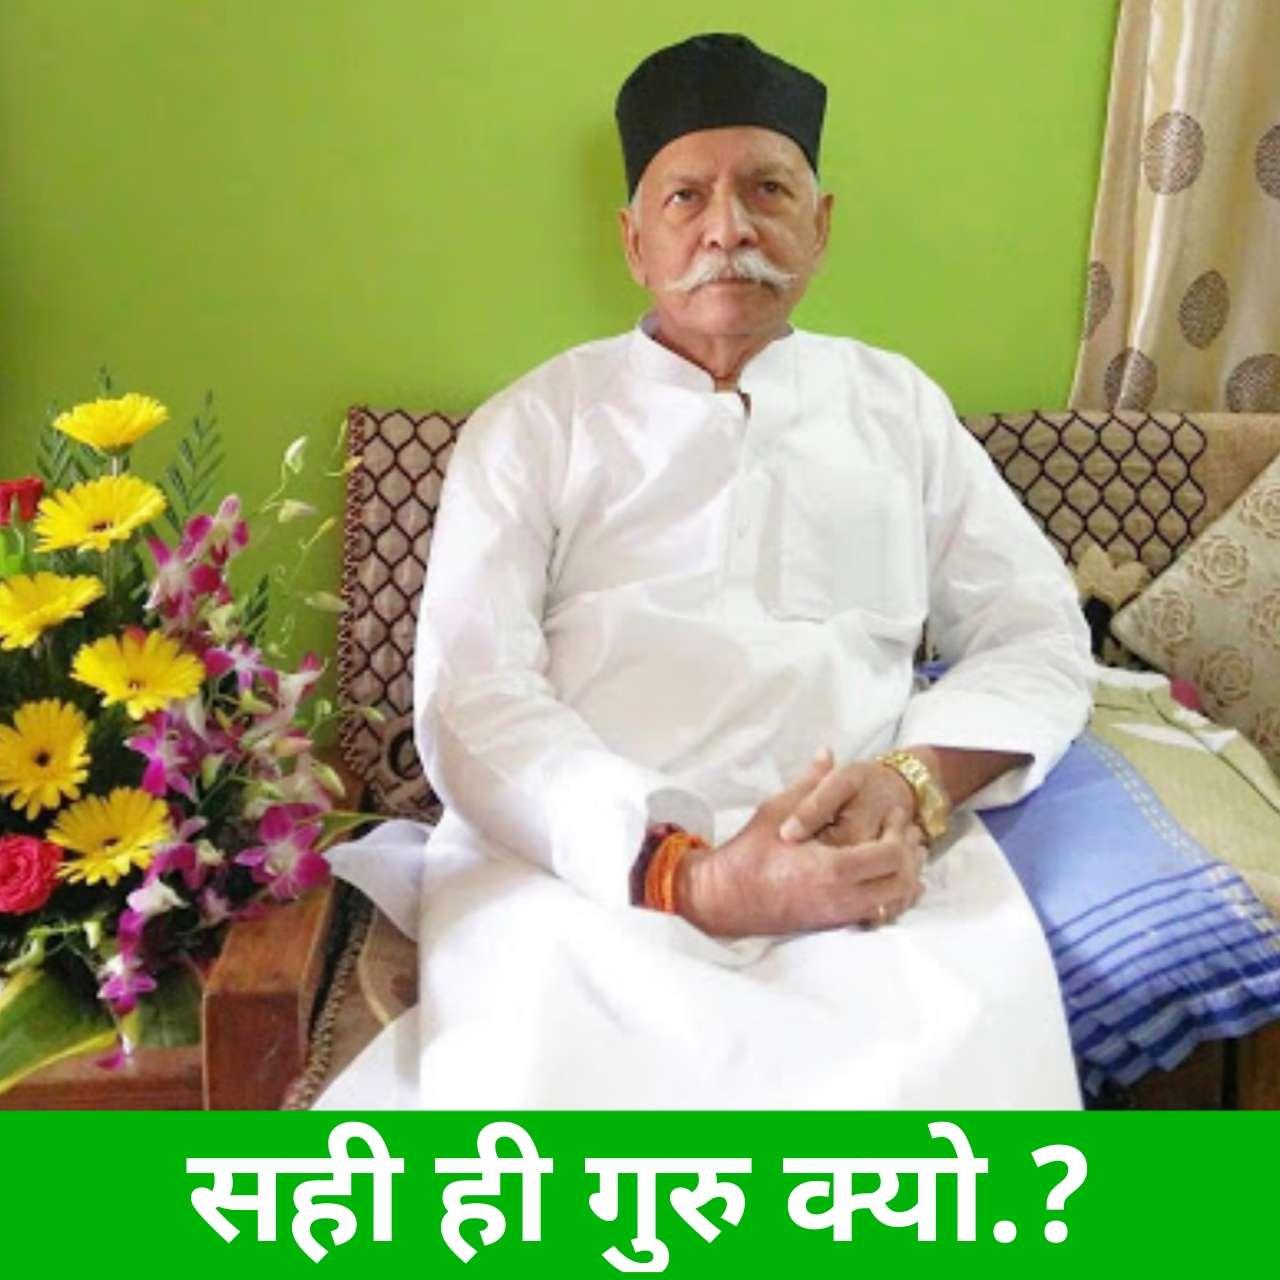 Sahab shree harindranand ji, sahab ji